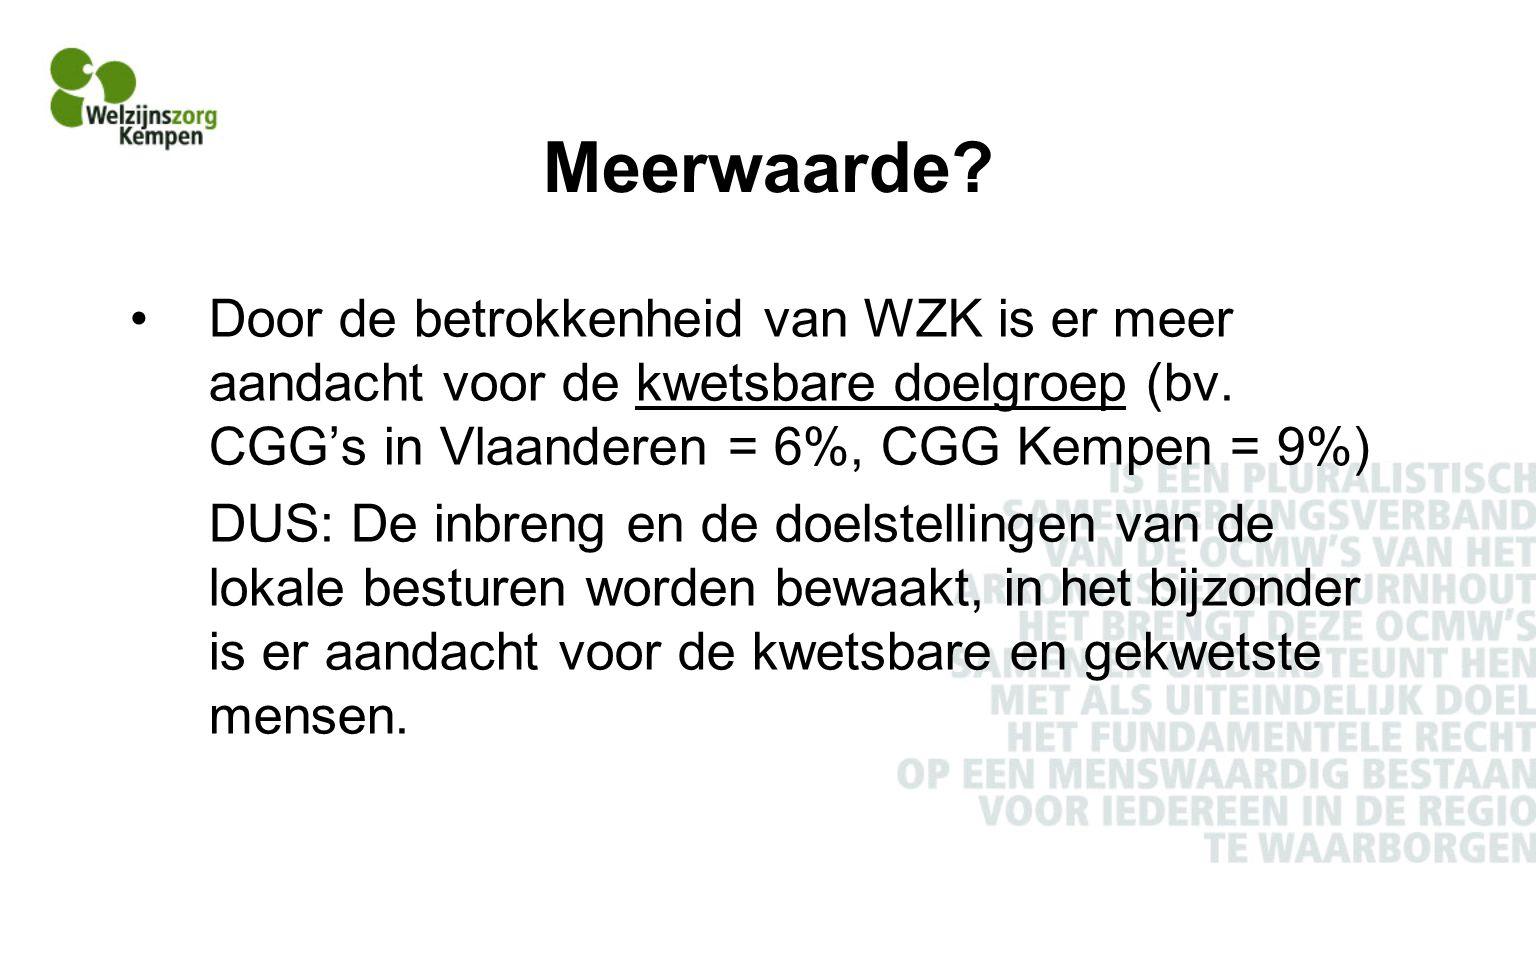 Meerwaarde Door de betrokkenheid van WZK is er meer aandacht voor de kwetsbare doelgroep (bv. CGG's in Vlaanderen = 6%, CGG Kempen = 9%)